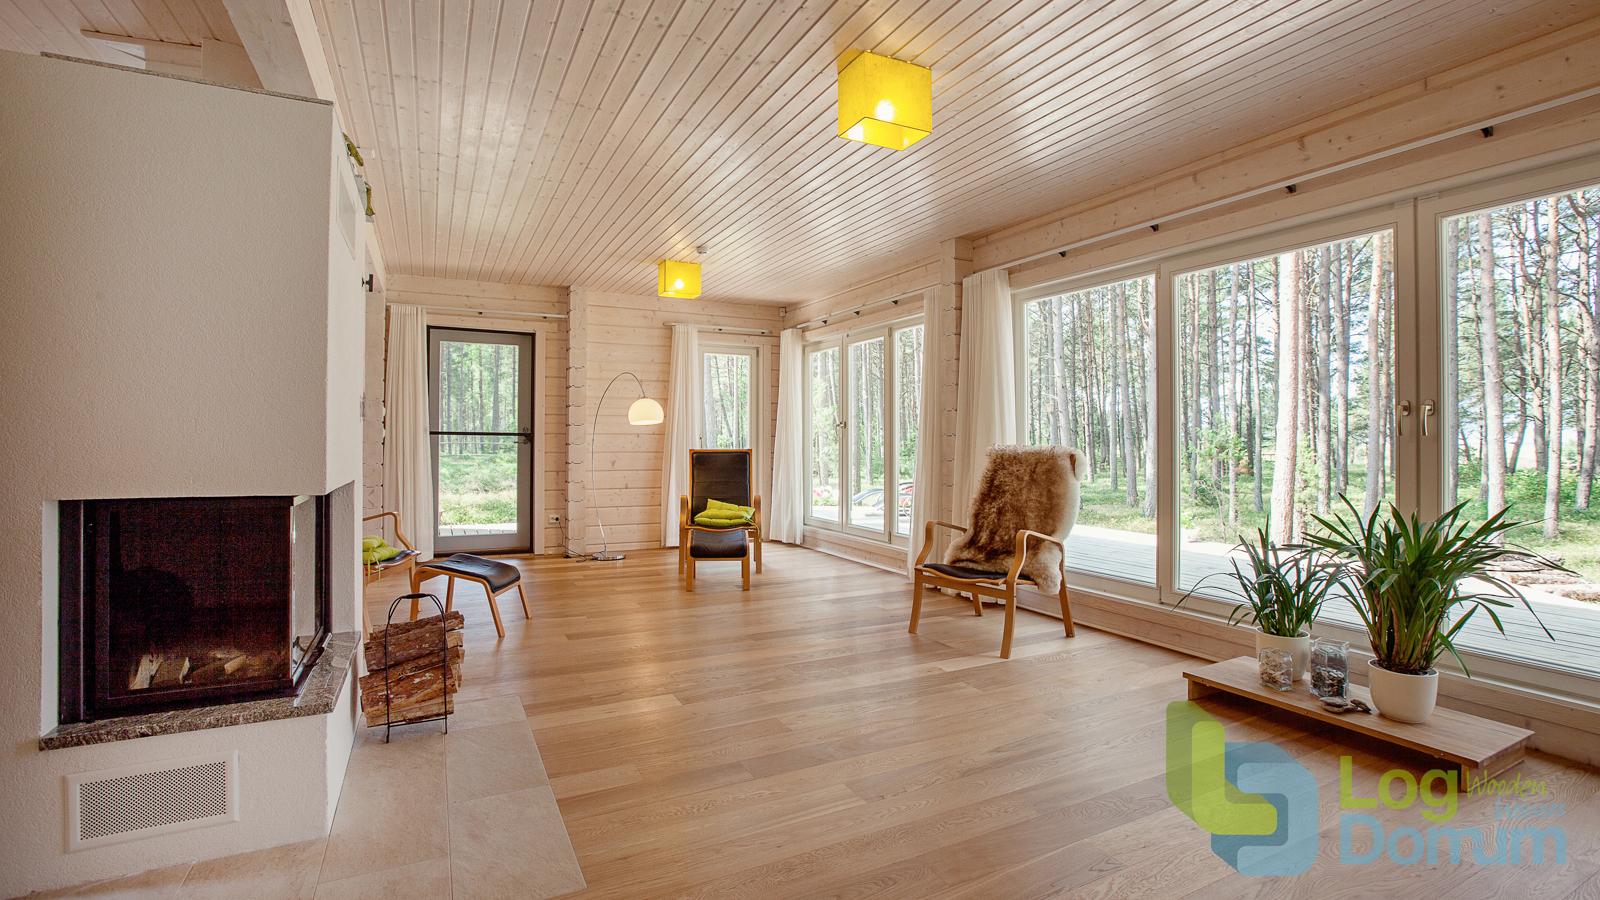 Decoration Interieure Bois : Pensez à rénover votre toiture pour avoir plus de confort